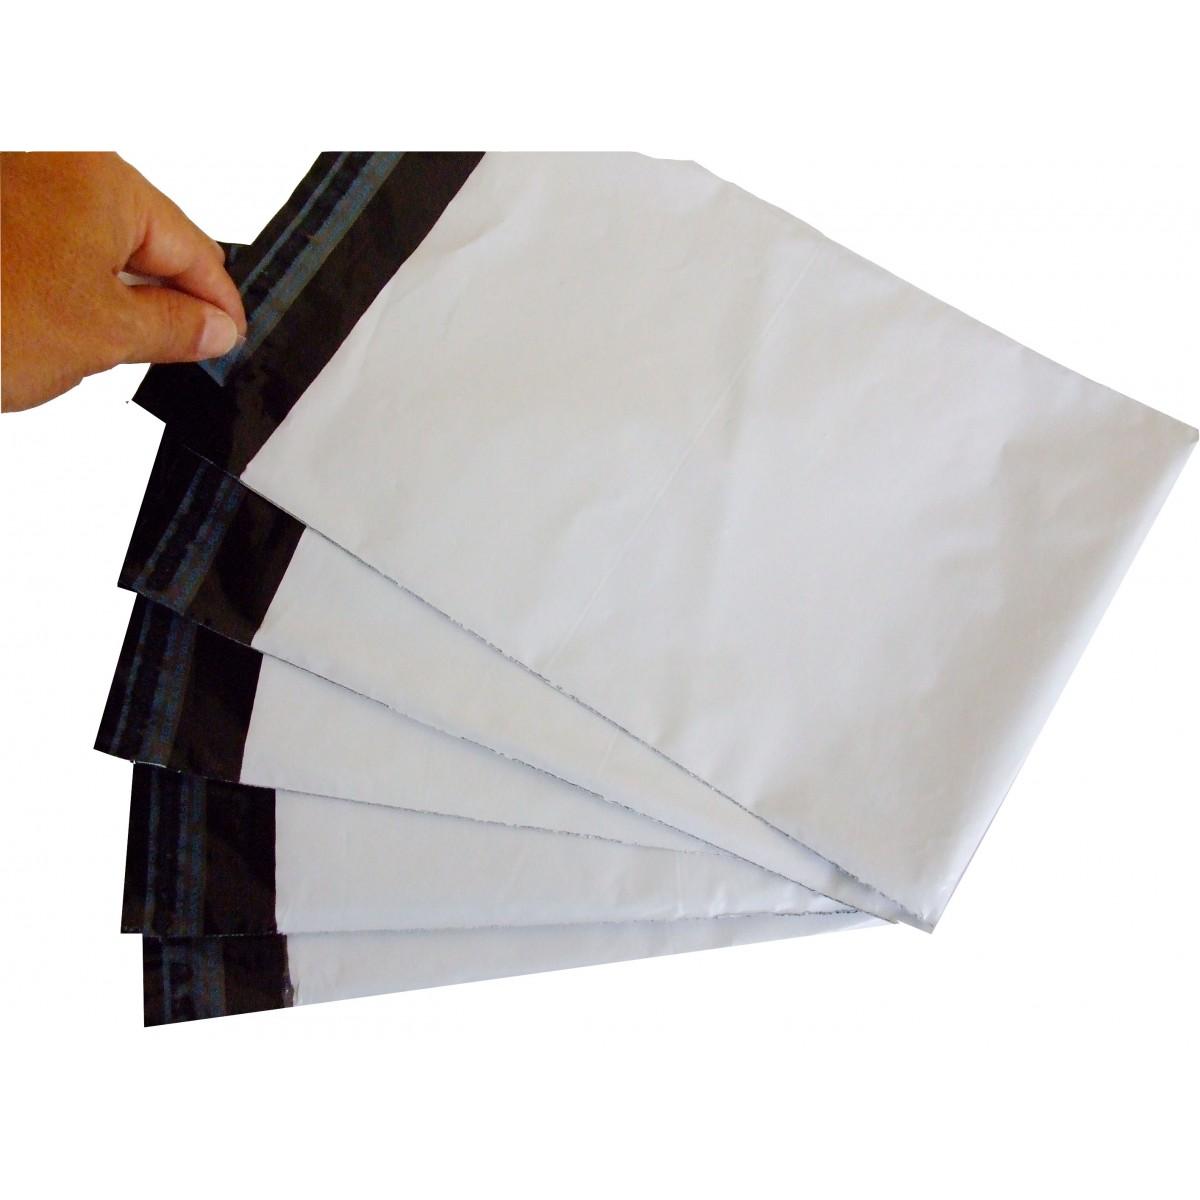 Envelope de Segurança Liso Branco L:40 X C:50 + 5 (Aba) cm